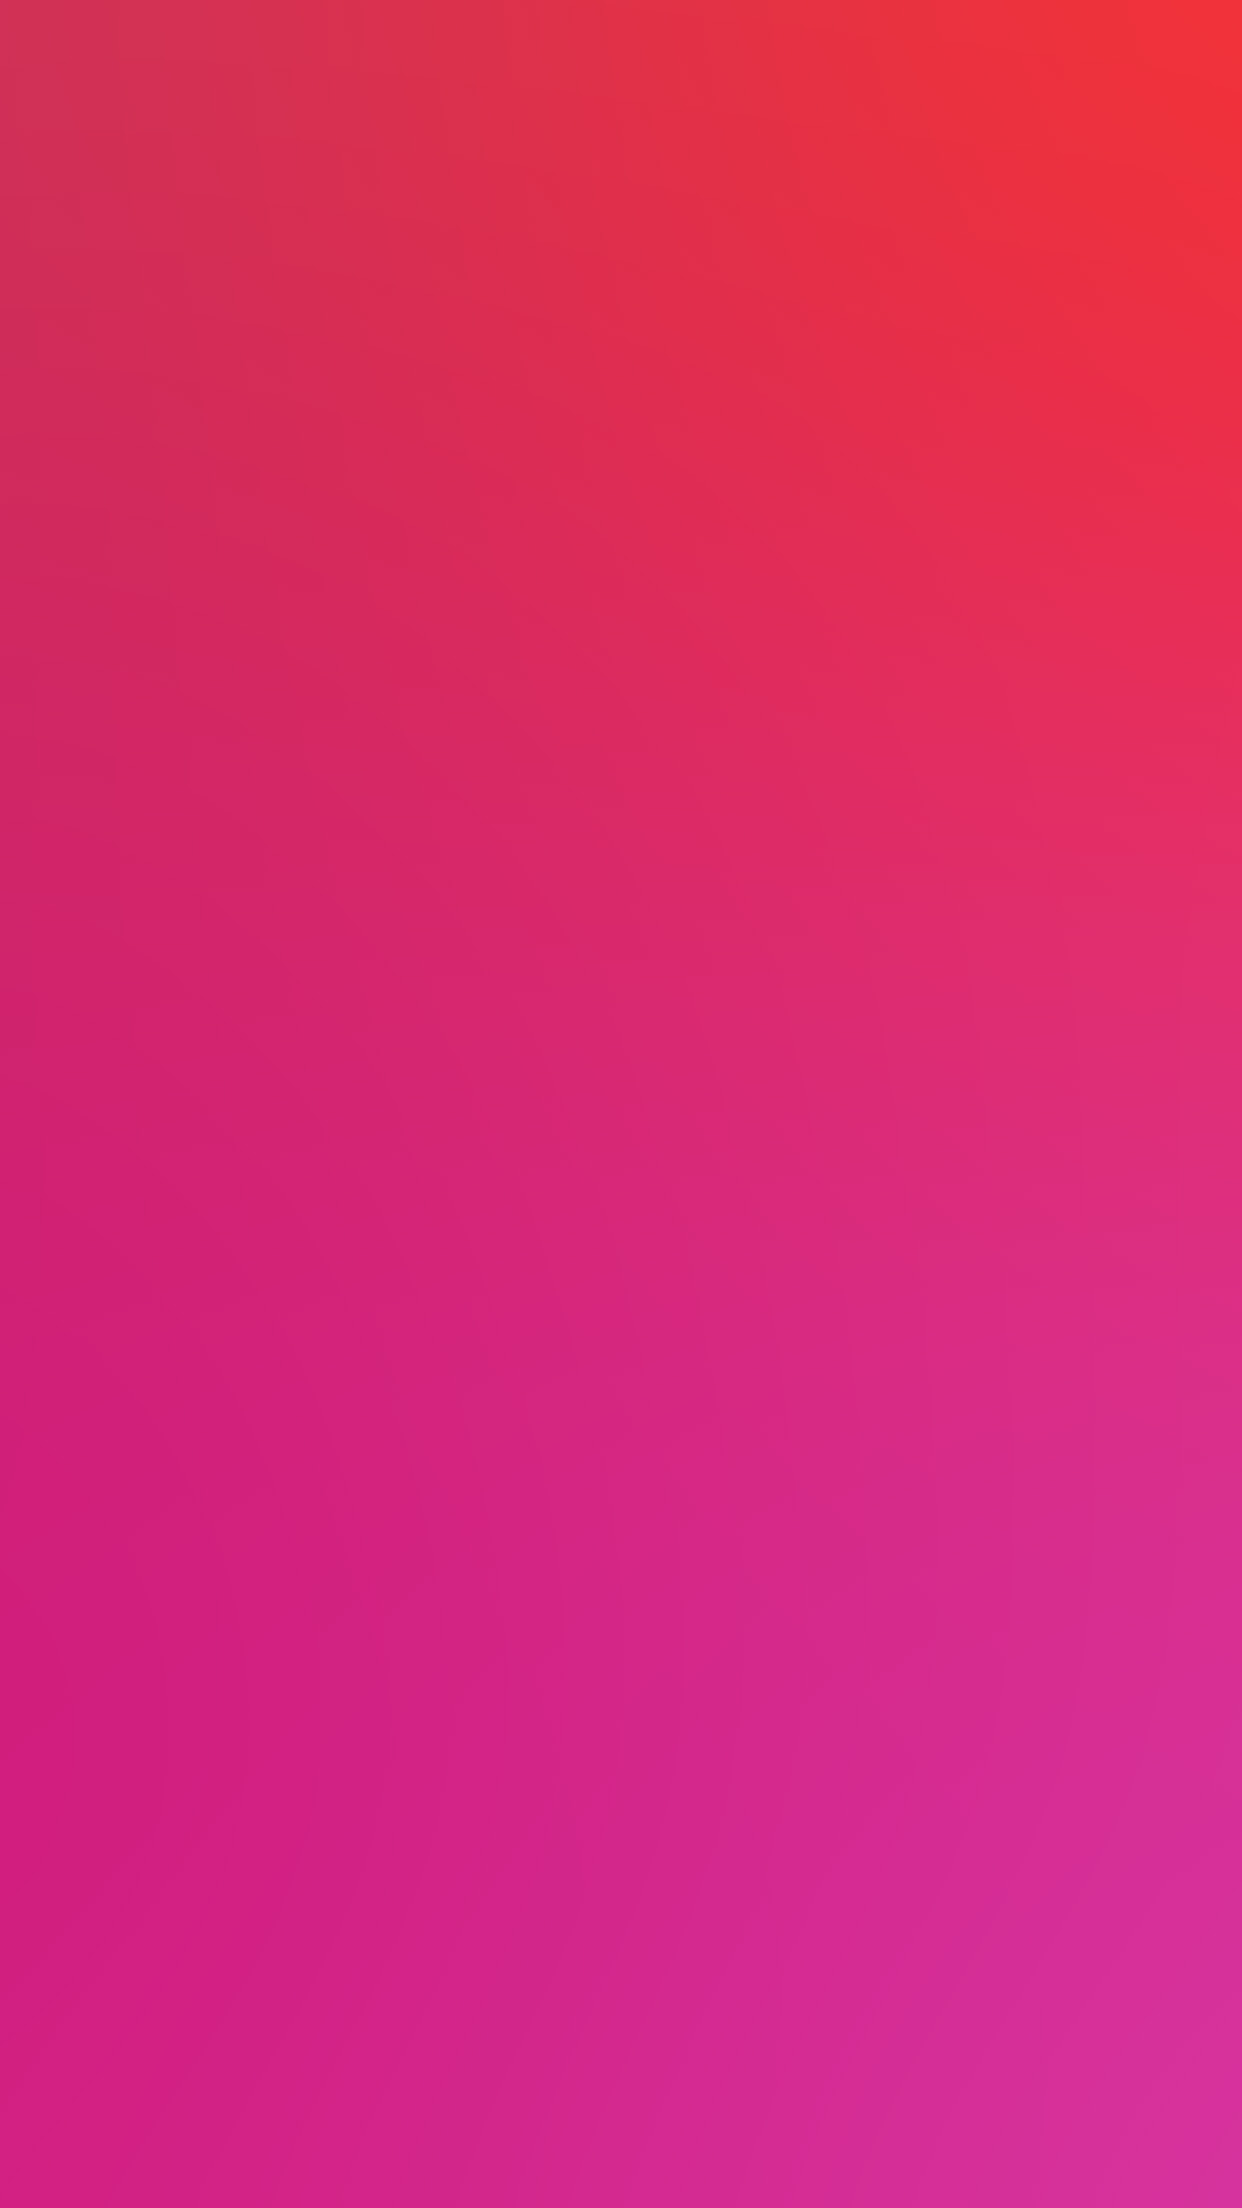 Hot Pink Iphone Xr - HD Wallpaper